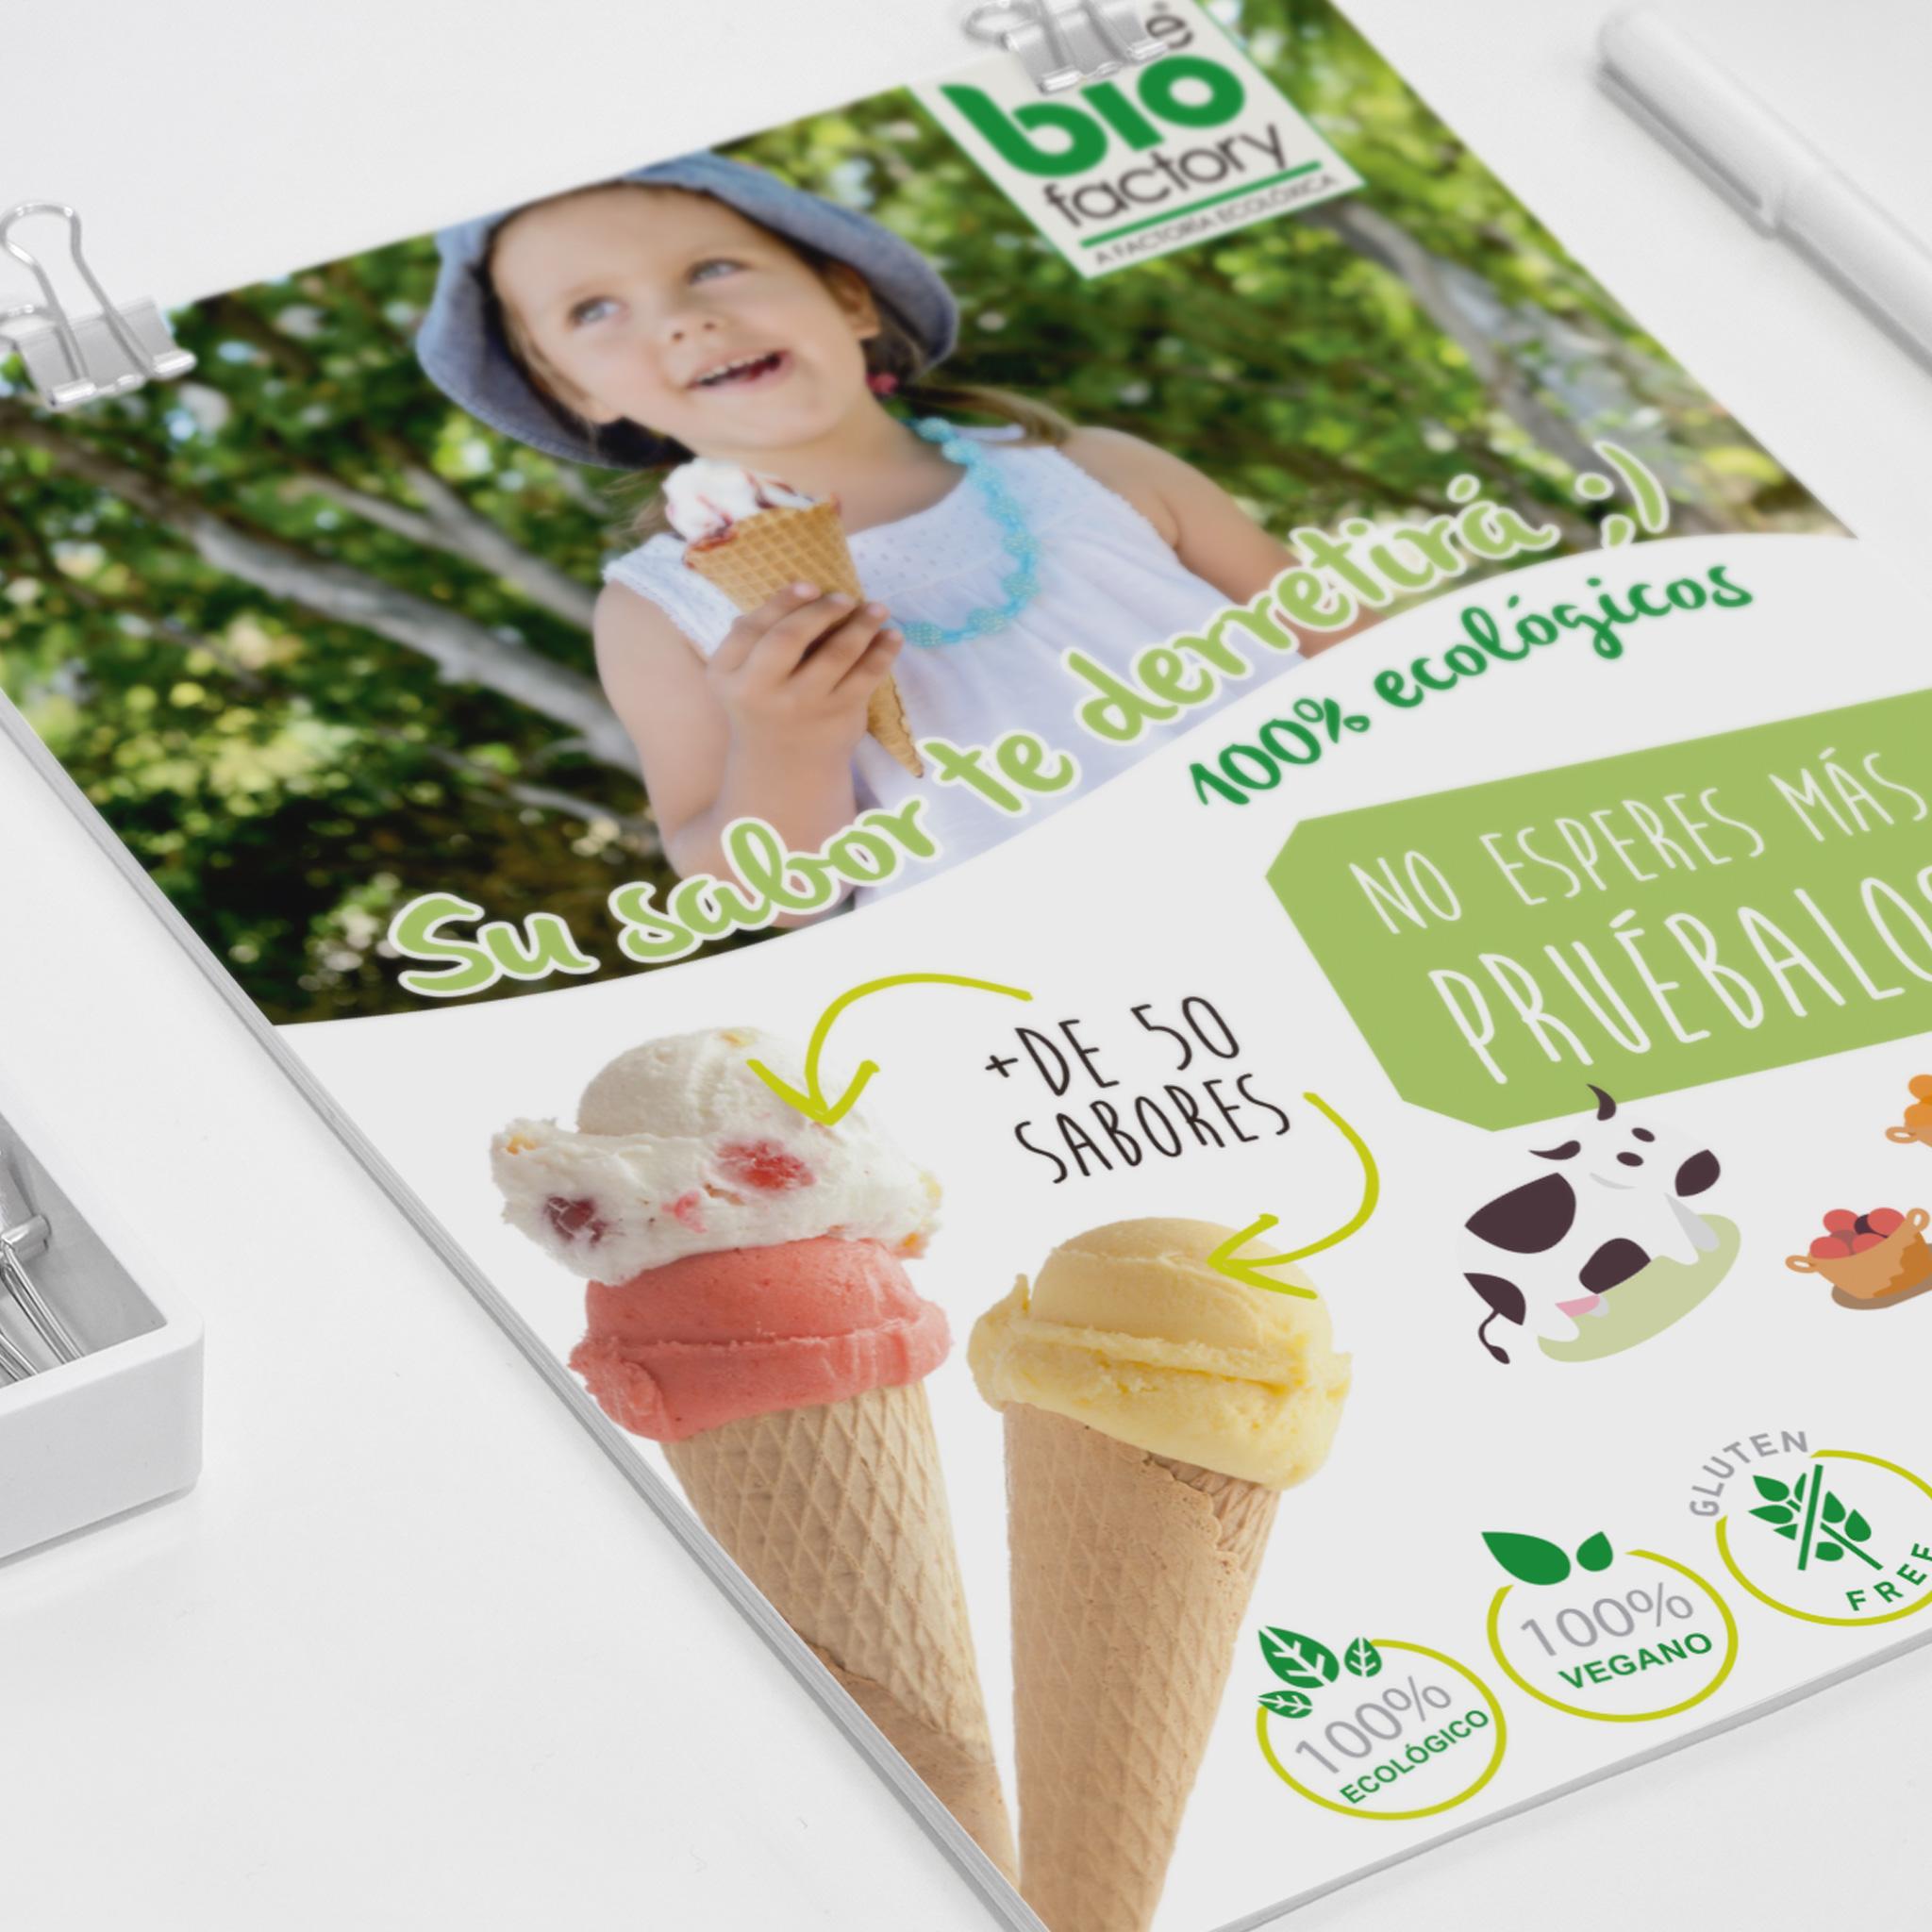 BREAK-AND-BREAD-cartelería-diseño-gráfico-diseñador-diseño-publicitario-publicidad-xaniño-coruña-cartelería